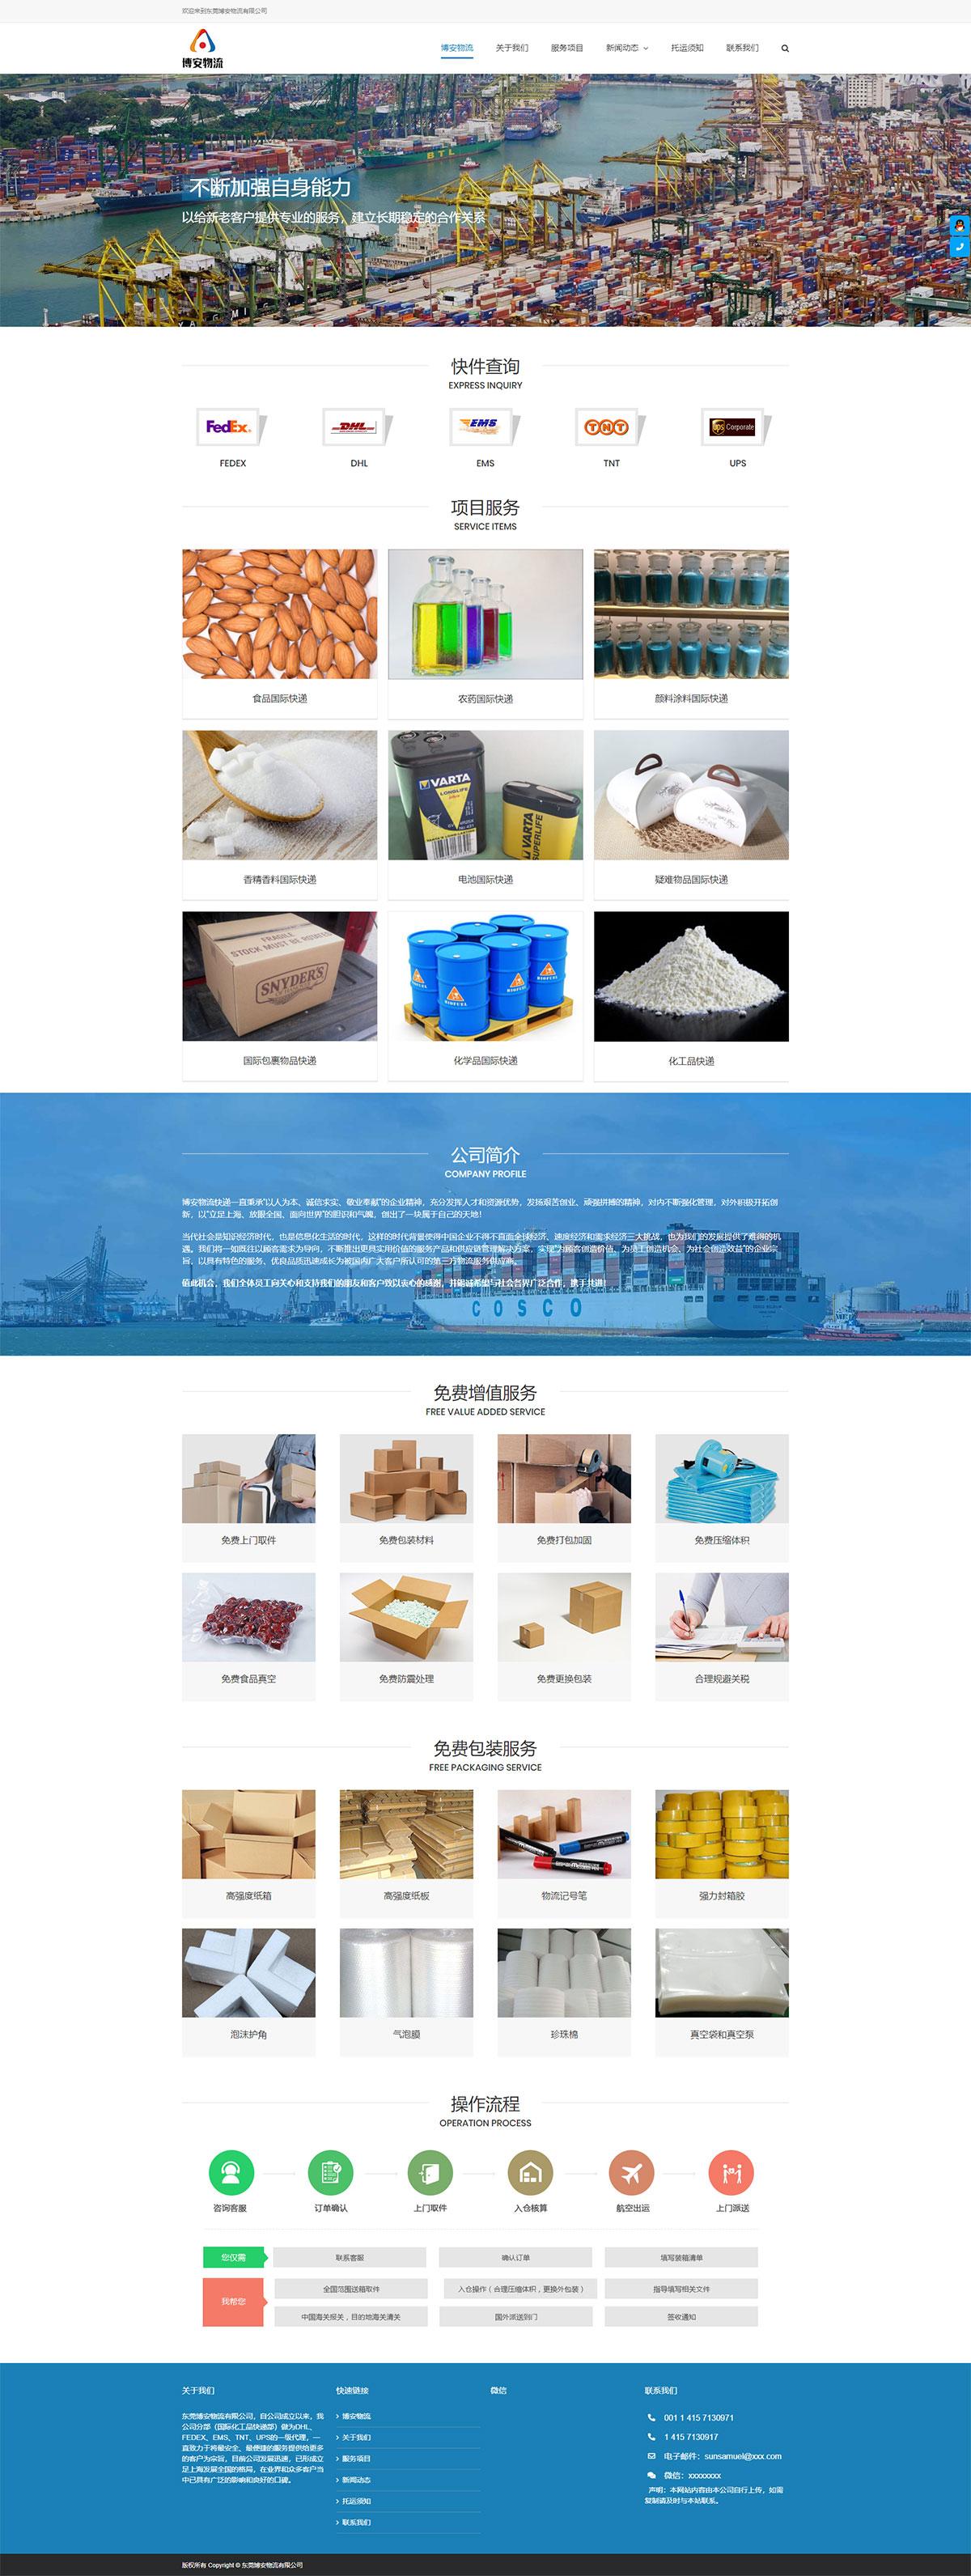 外贸建站公司企业案例